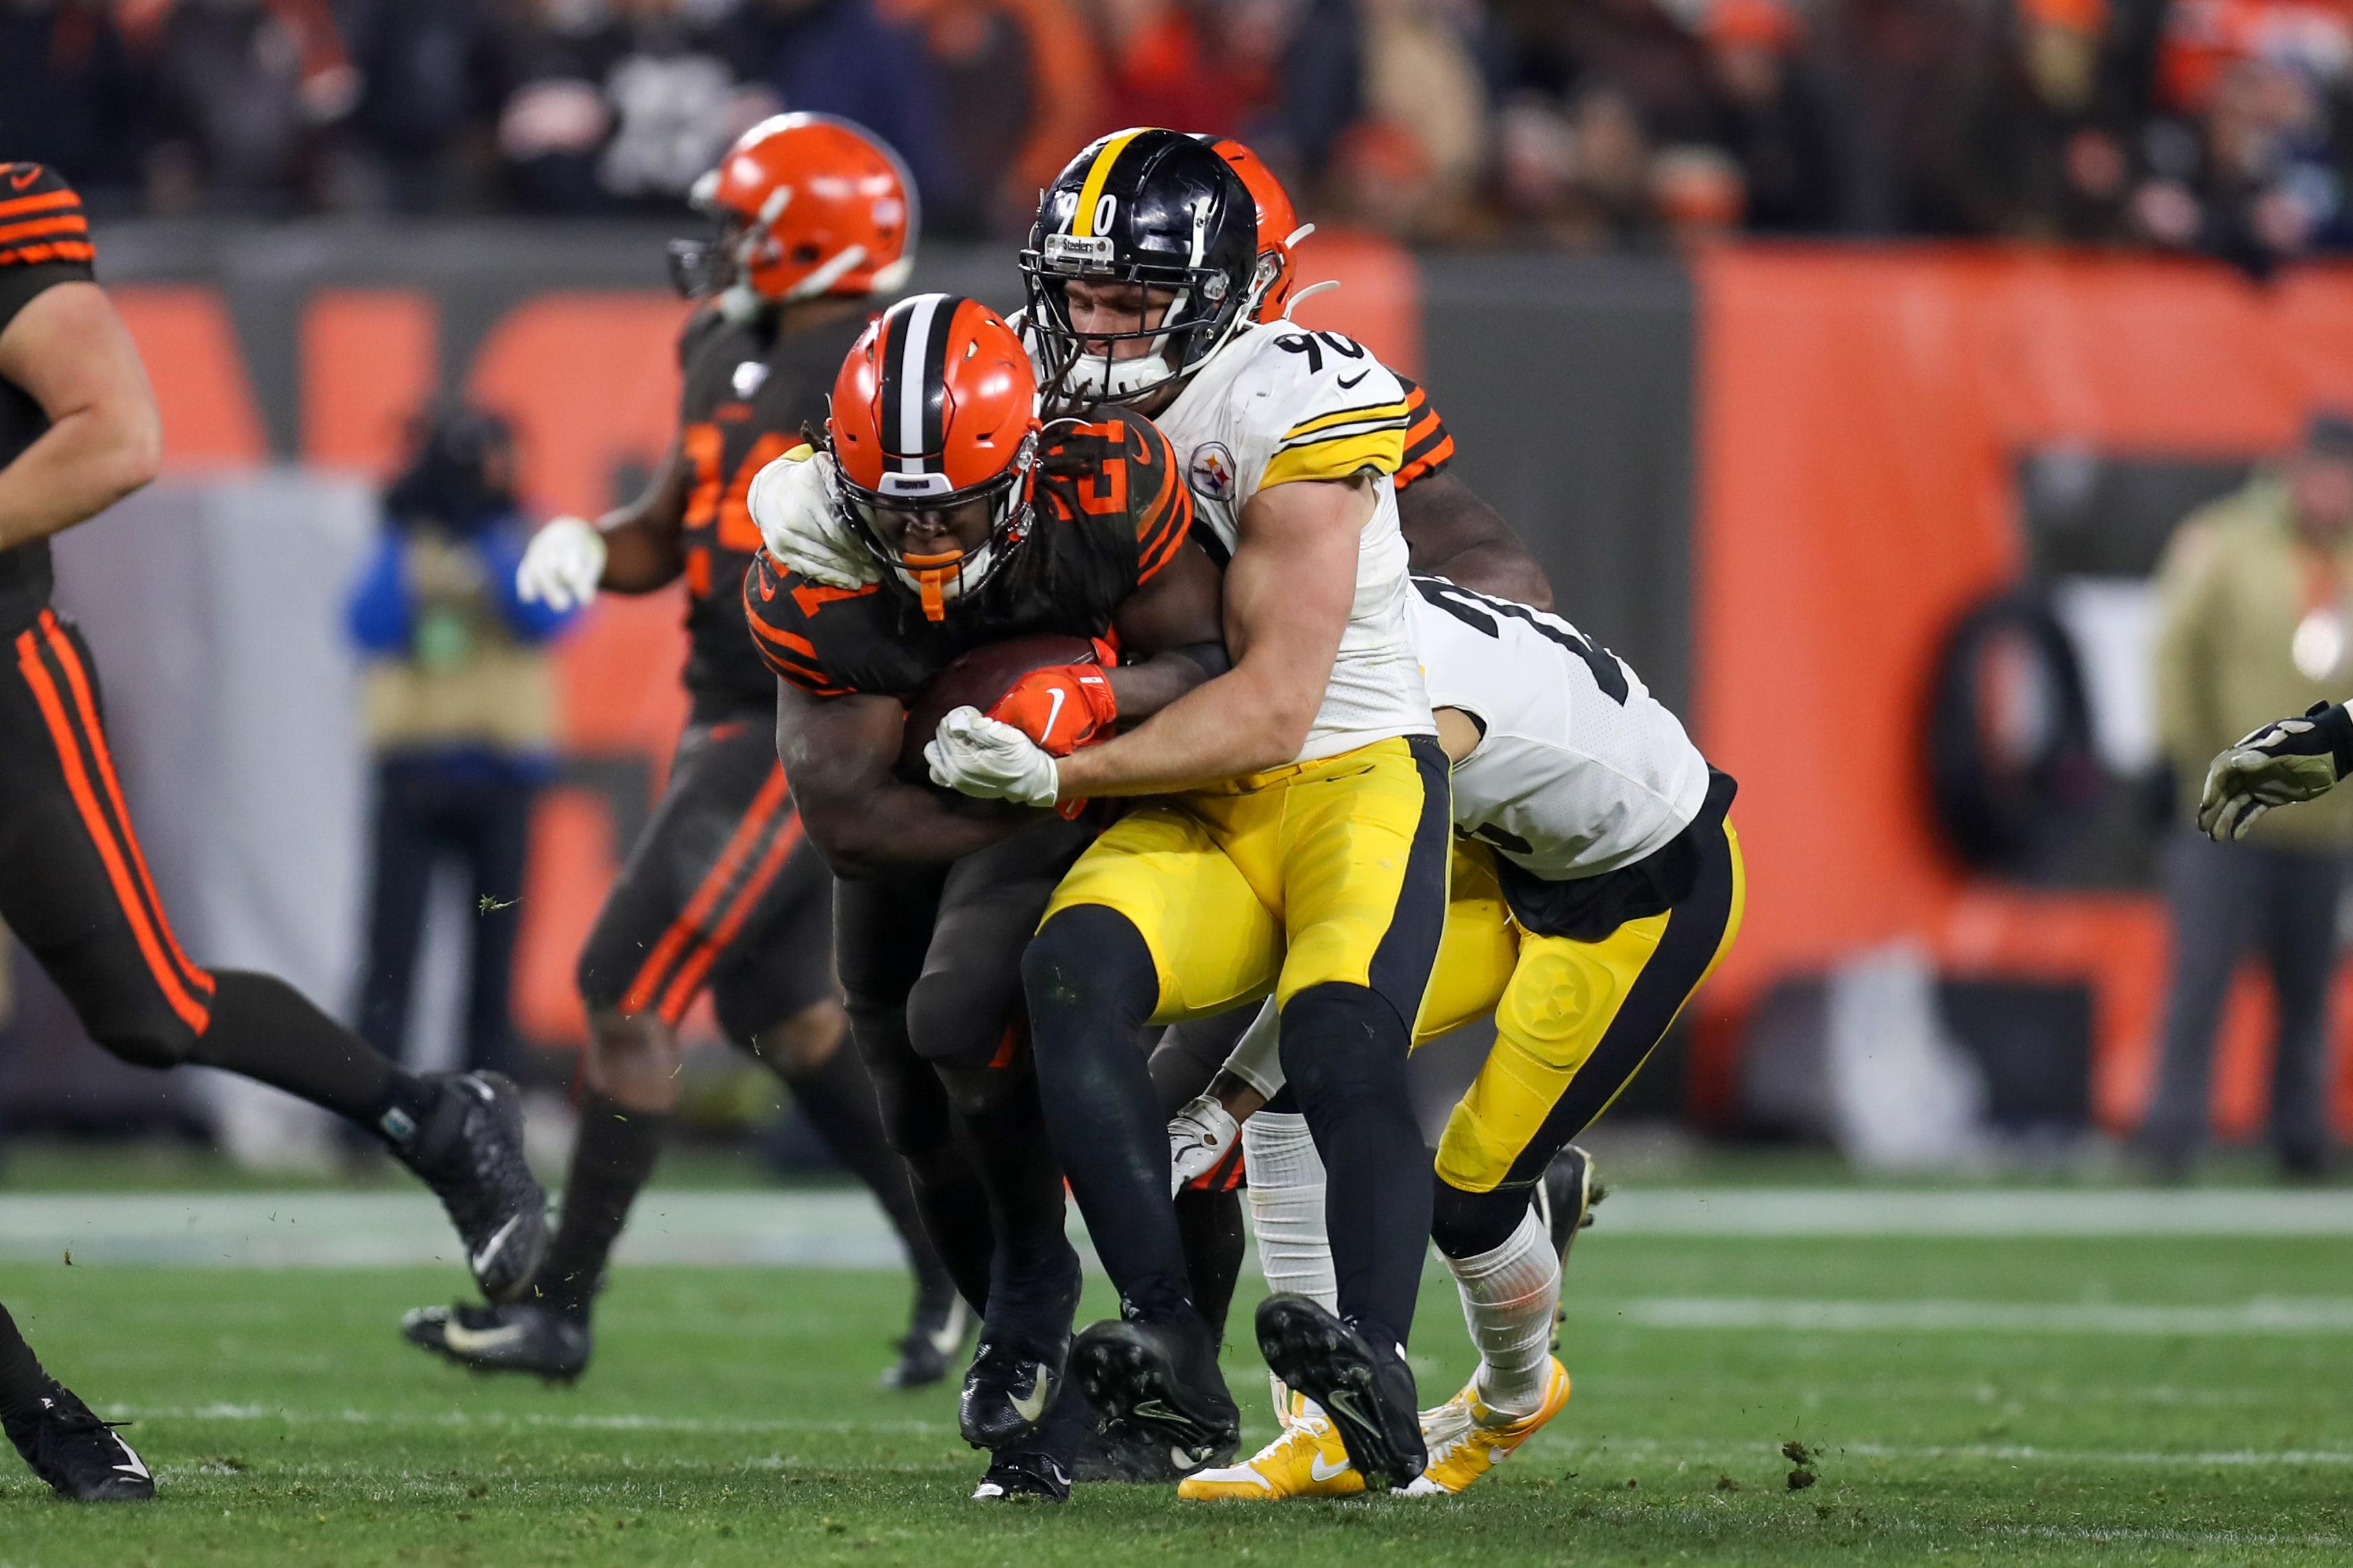 NFL: NOV 14 Steelers at Browns